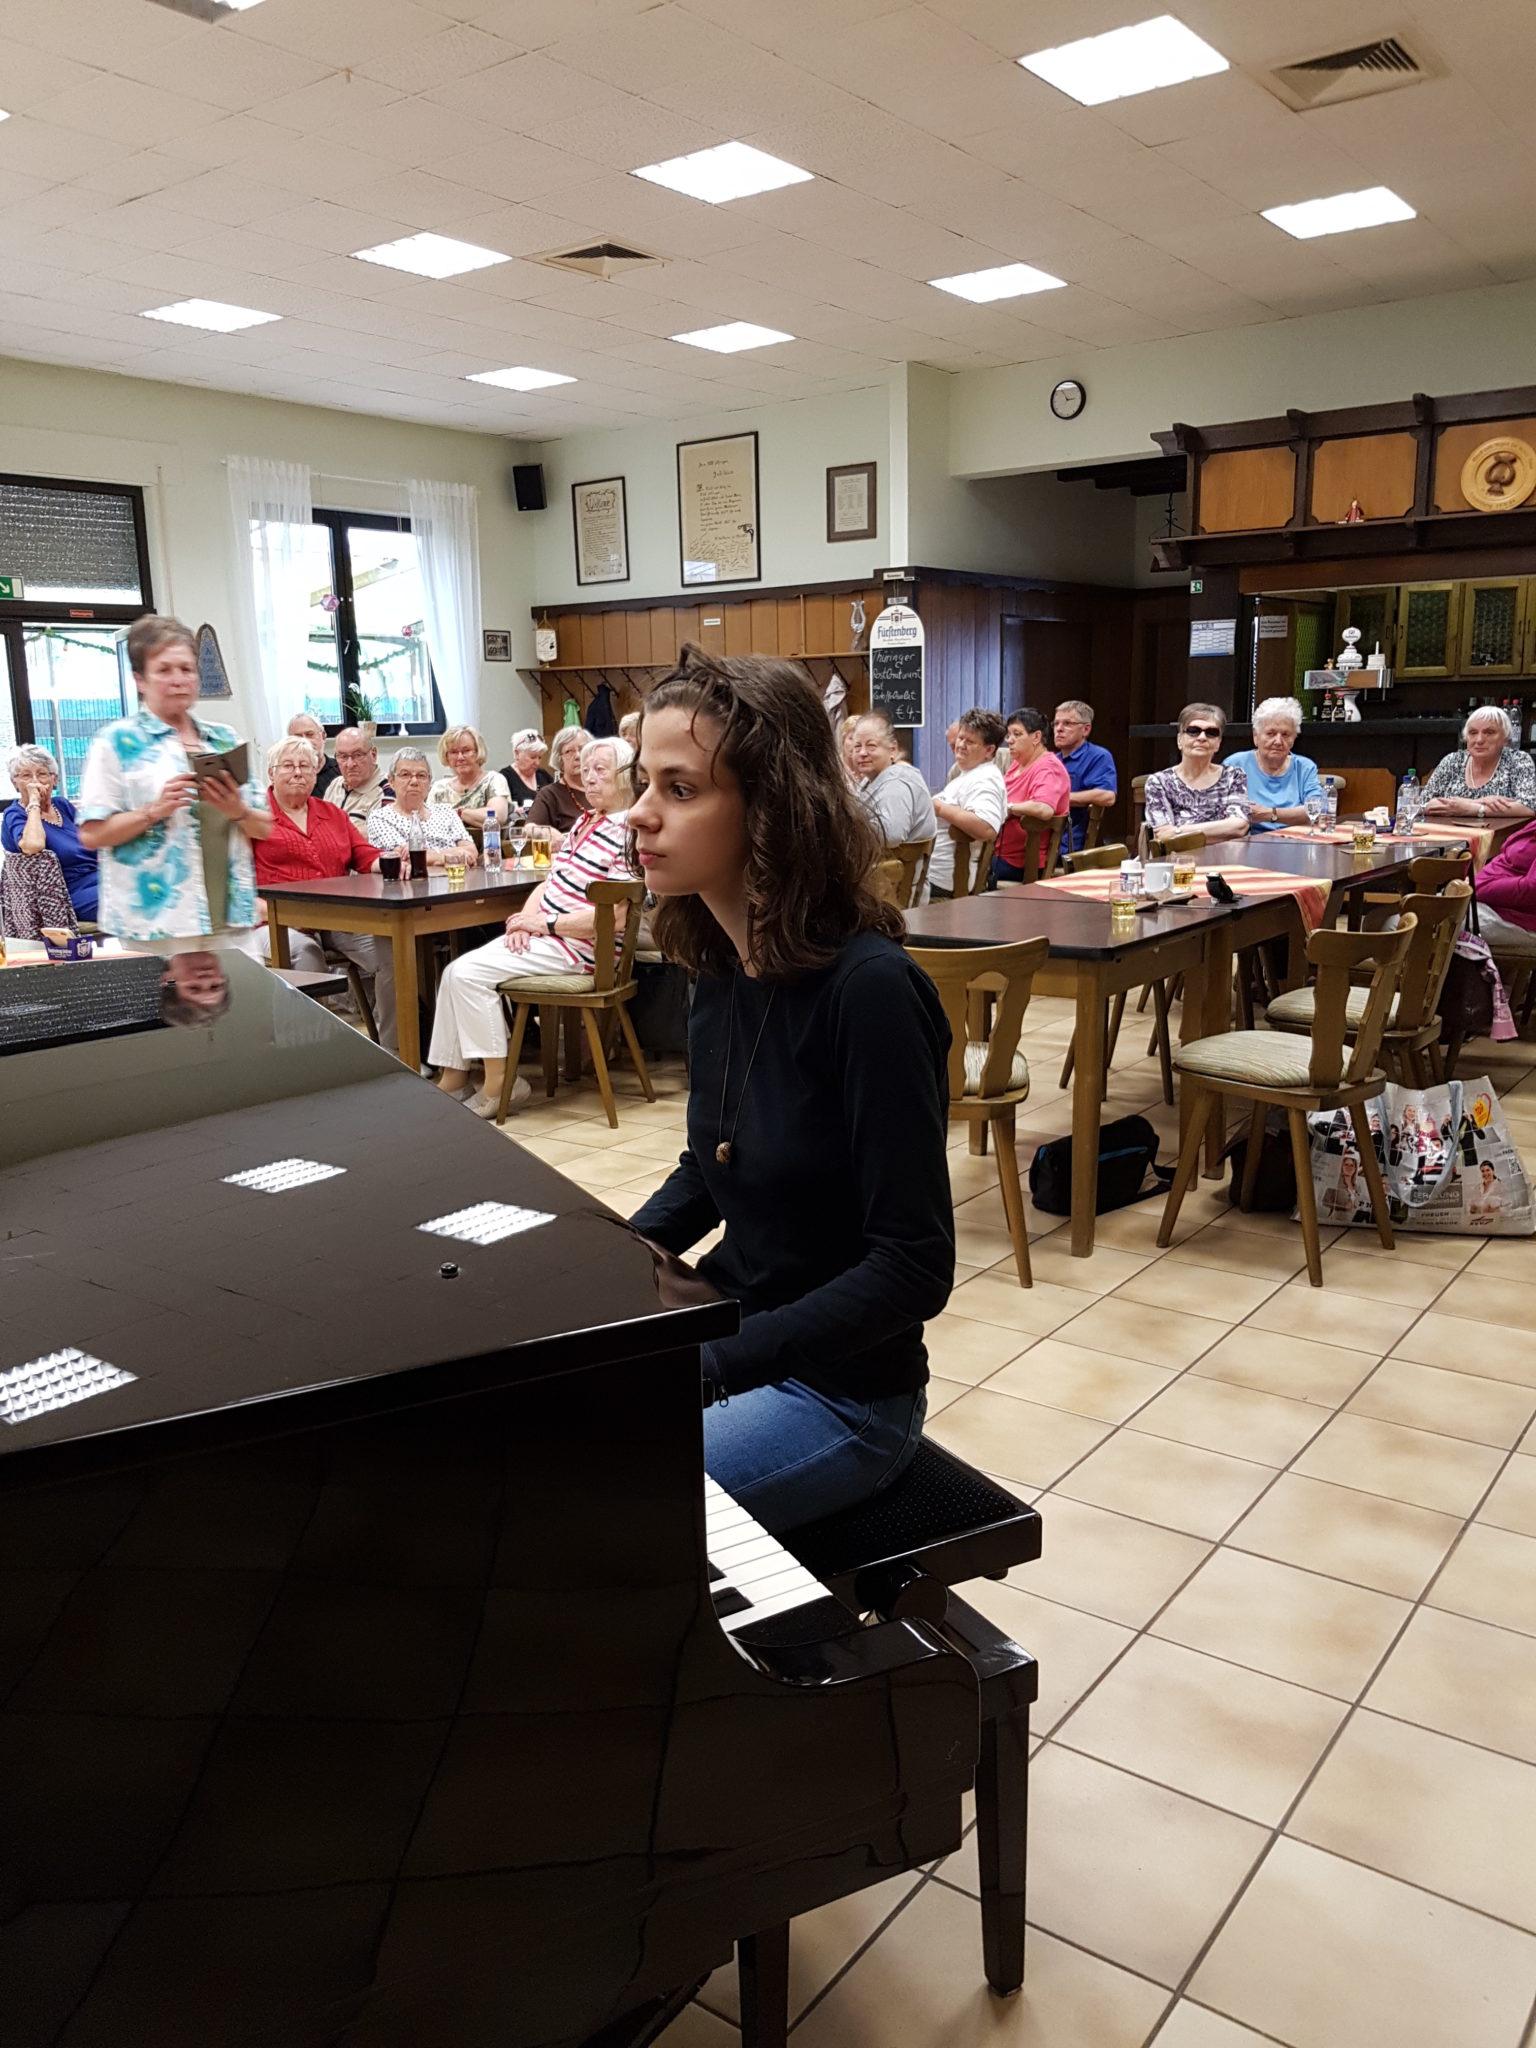 Kerstin am Piano